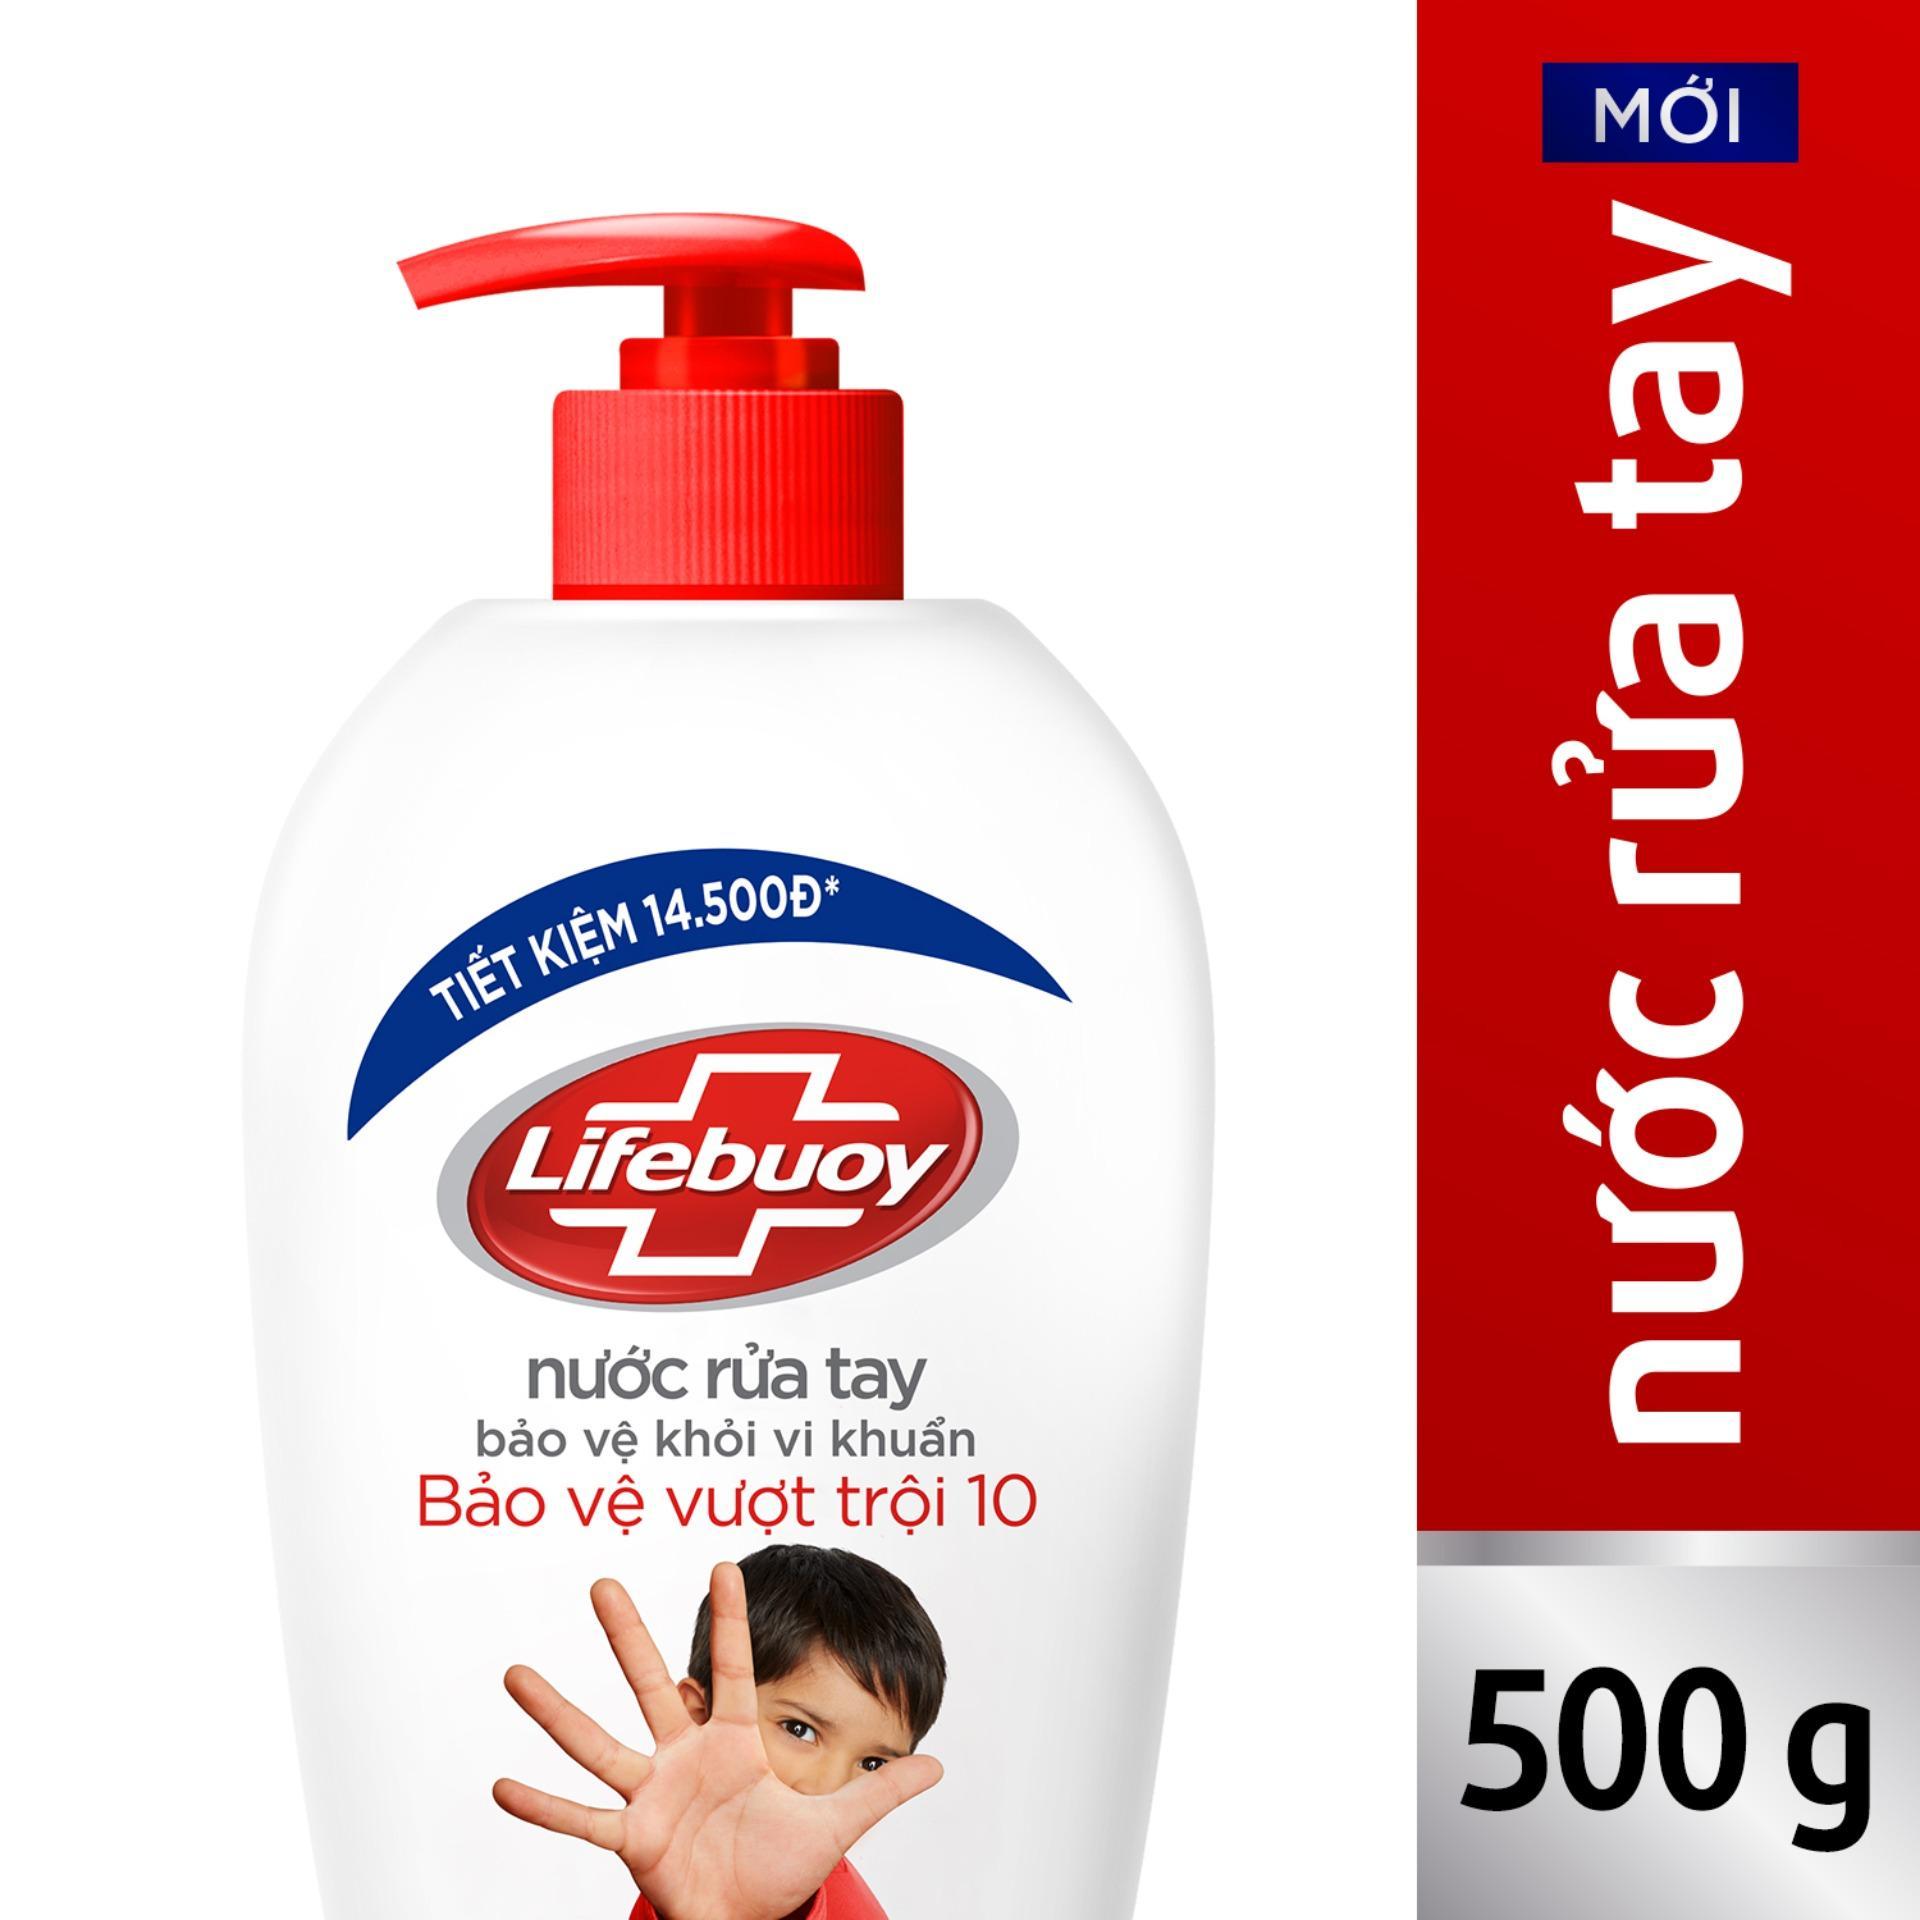 Nước rửa tay Lifebuoy Bảo vệ vượt trội 10 500g